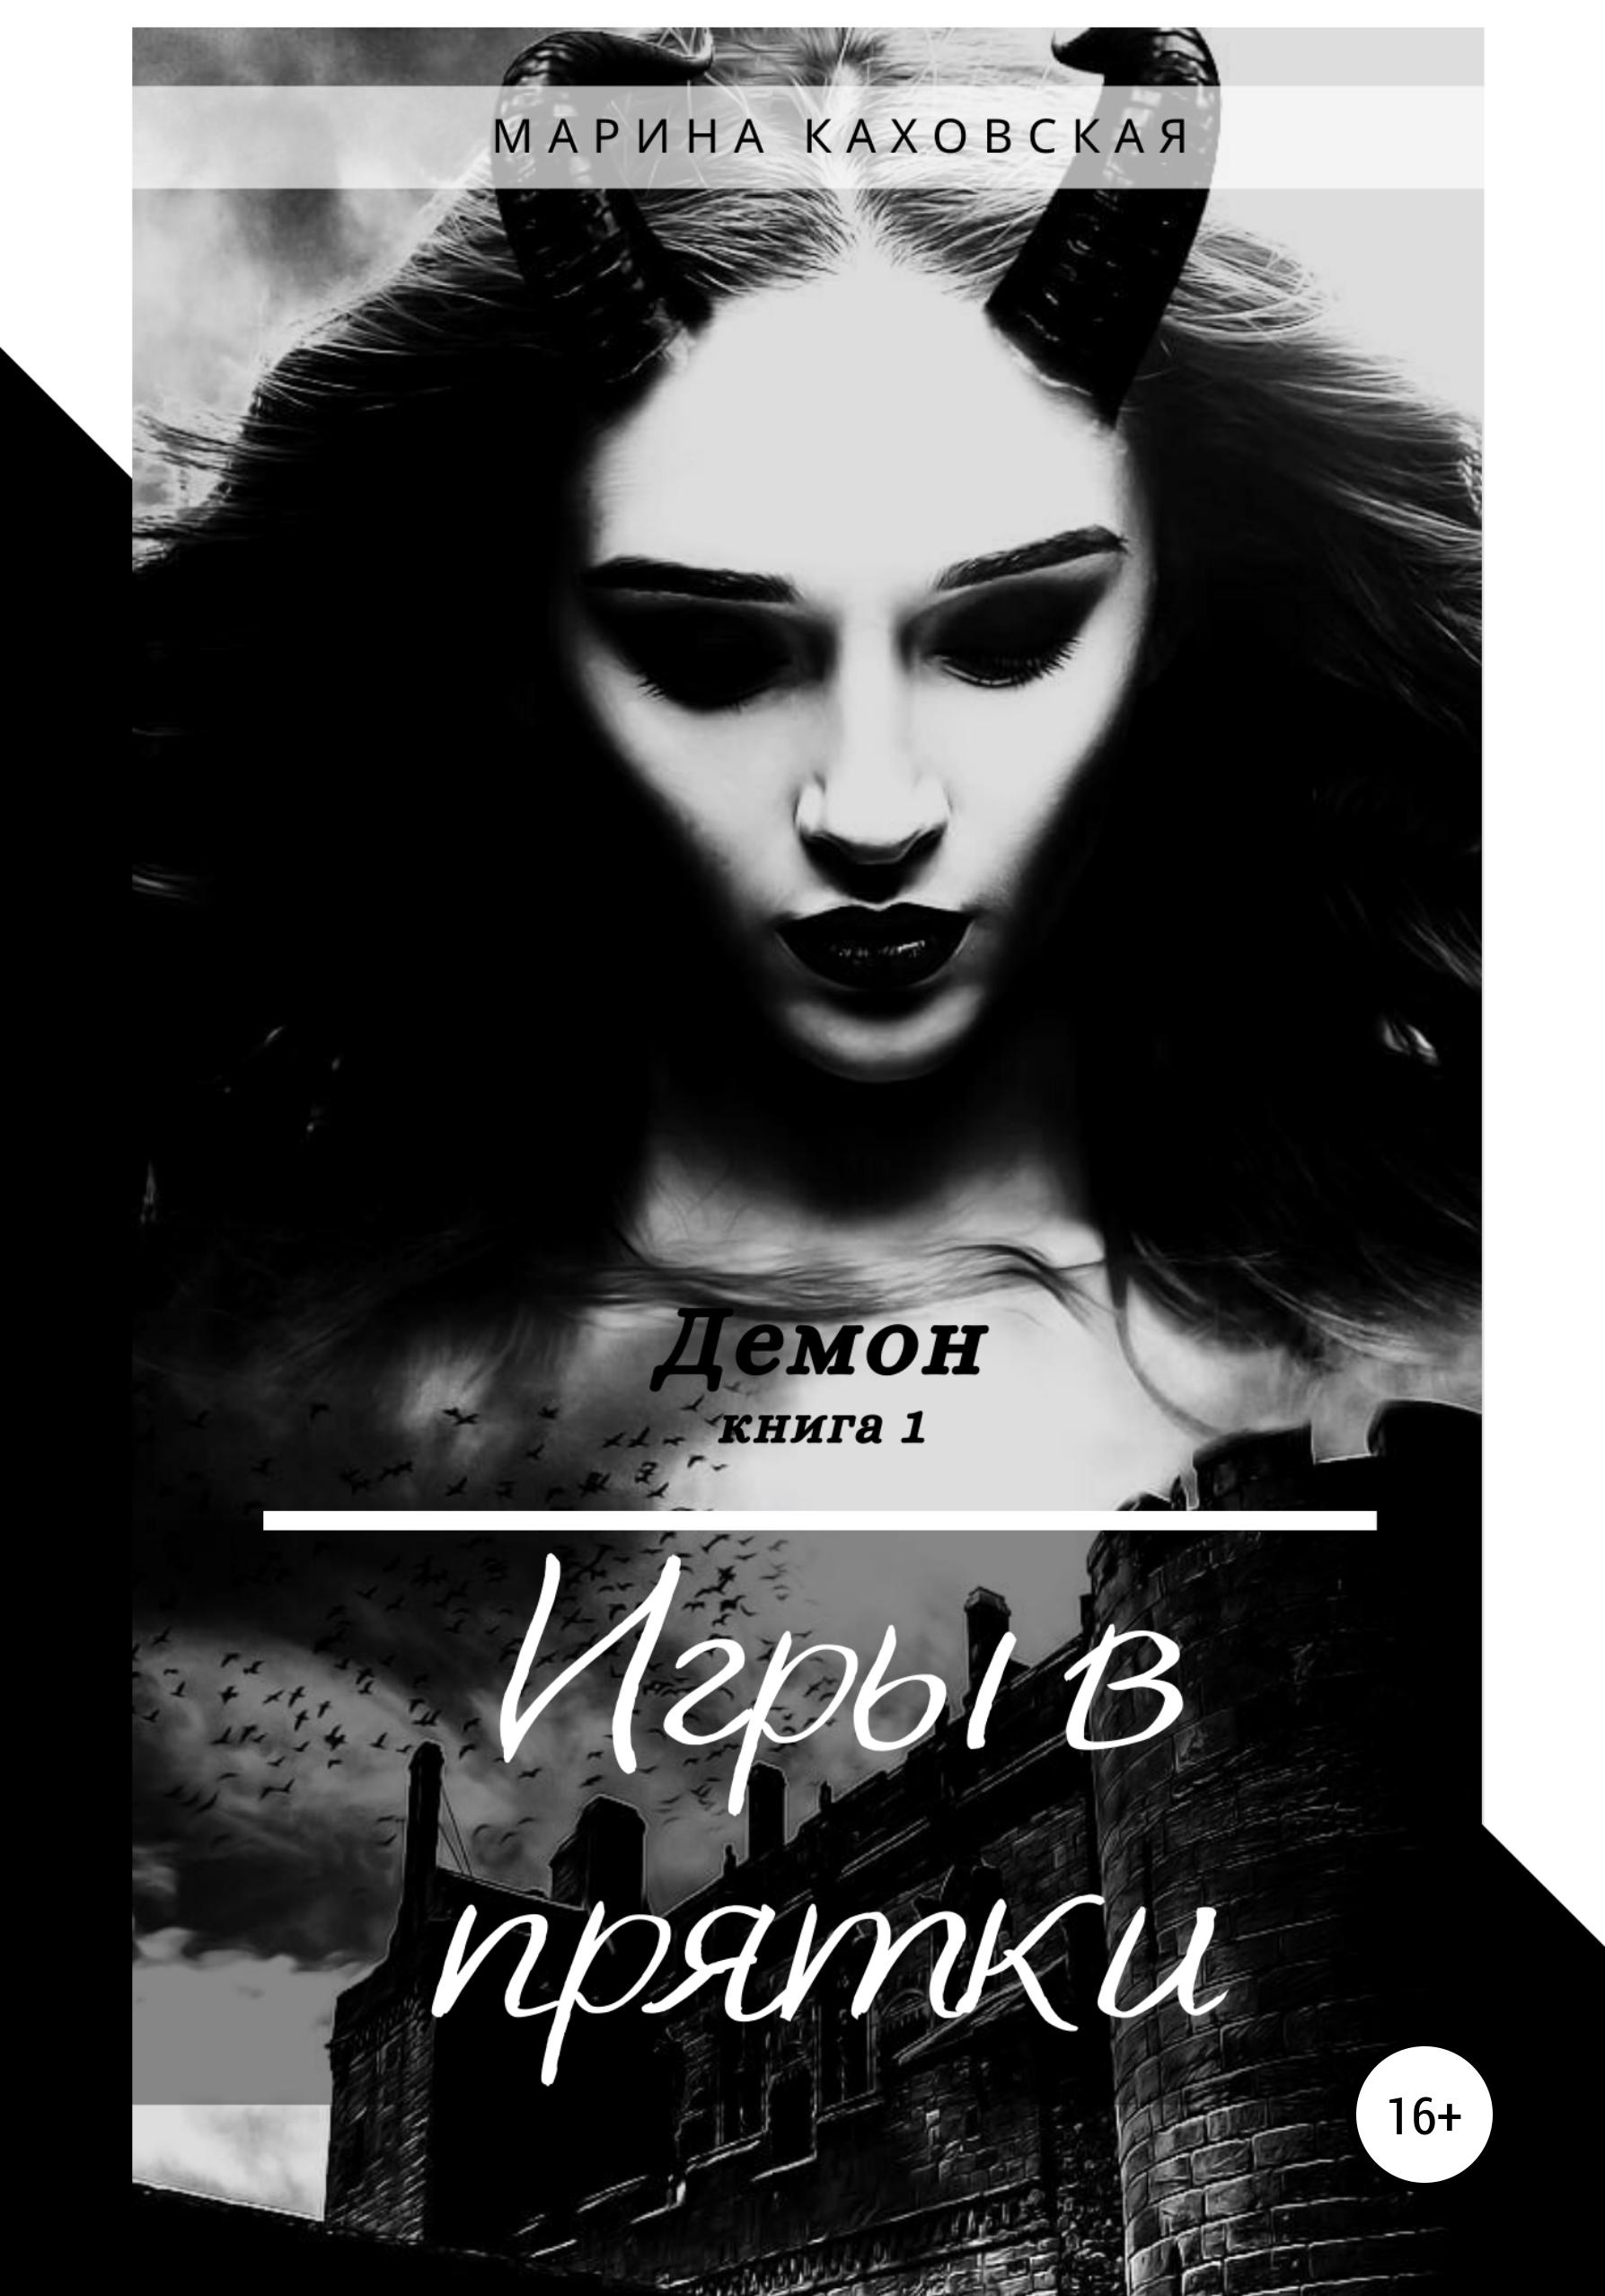 Марина Каховская - Демон. Игры в прятки